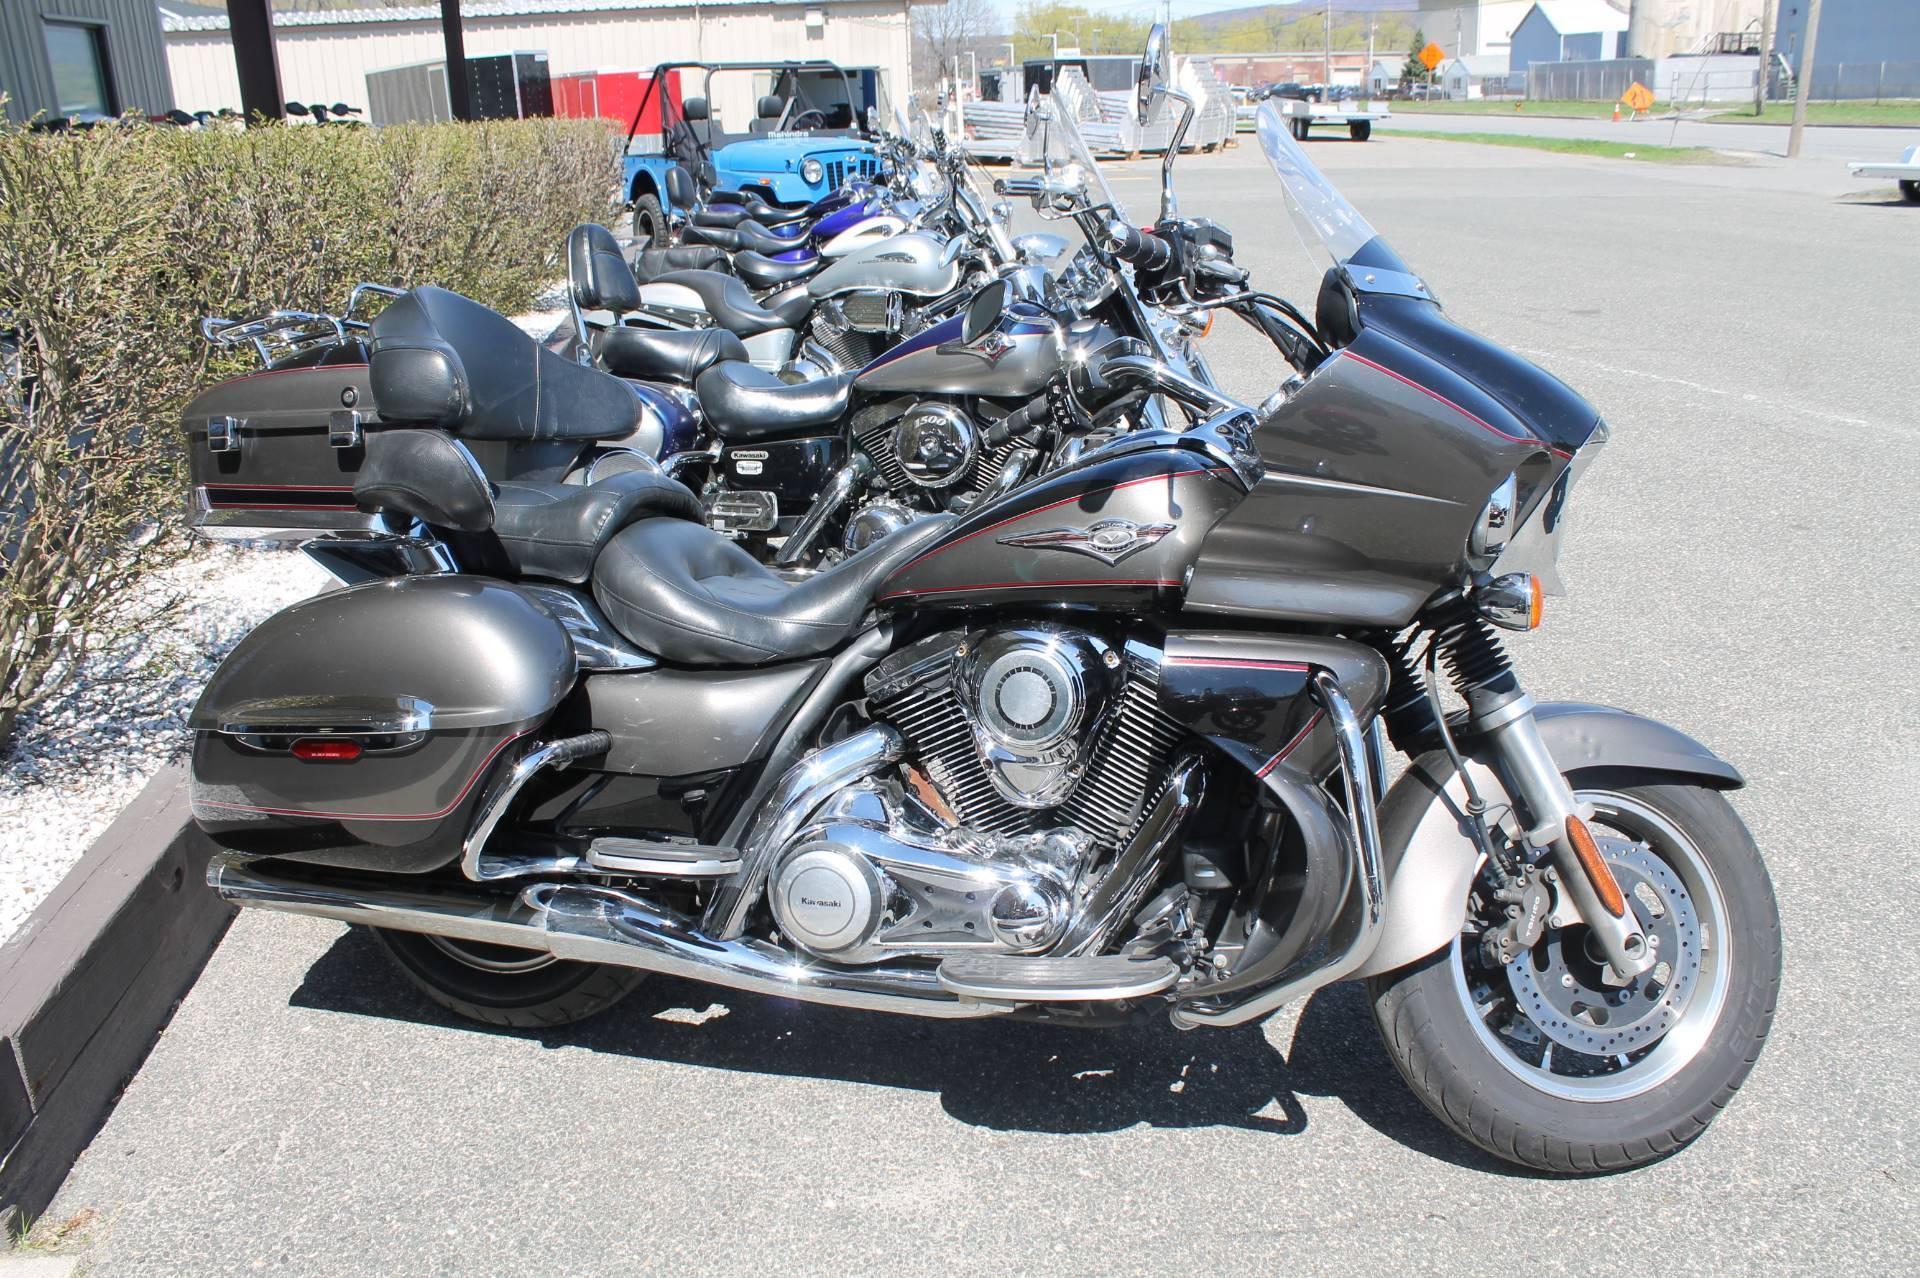 Used 2012 Kawasaki Vulcan® 1700 Voyager® Motorcycles in